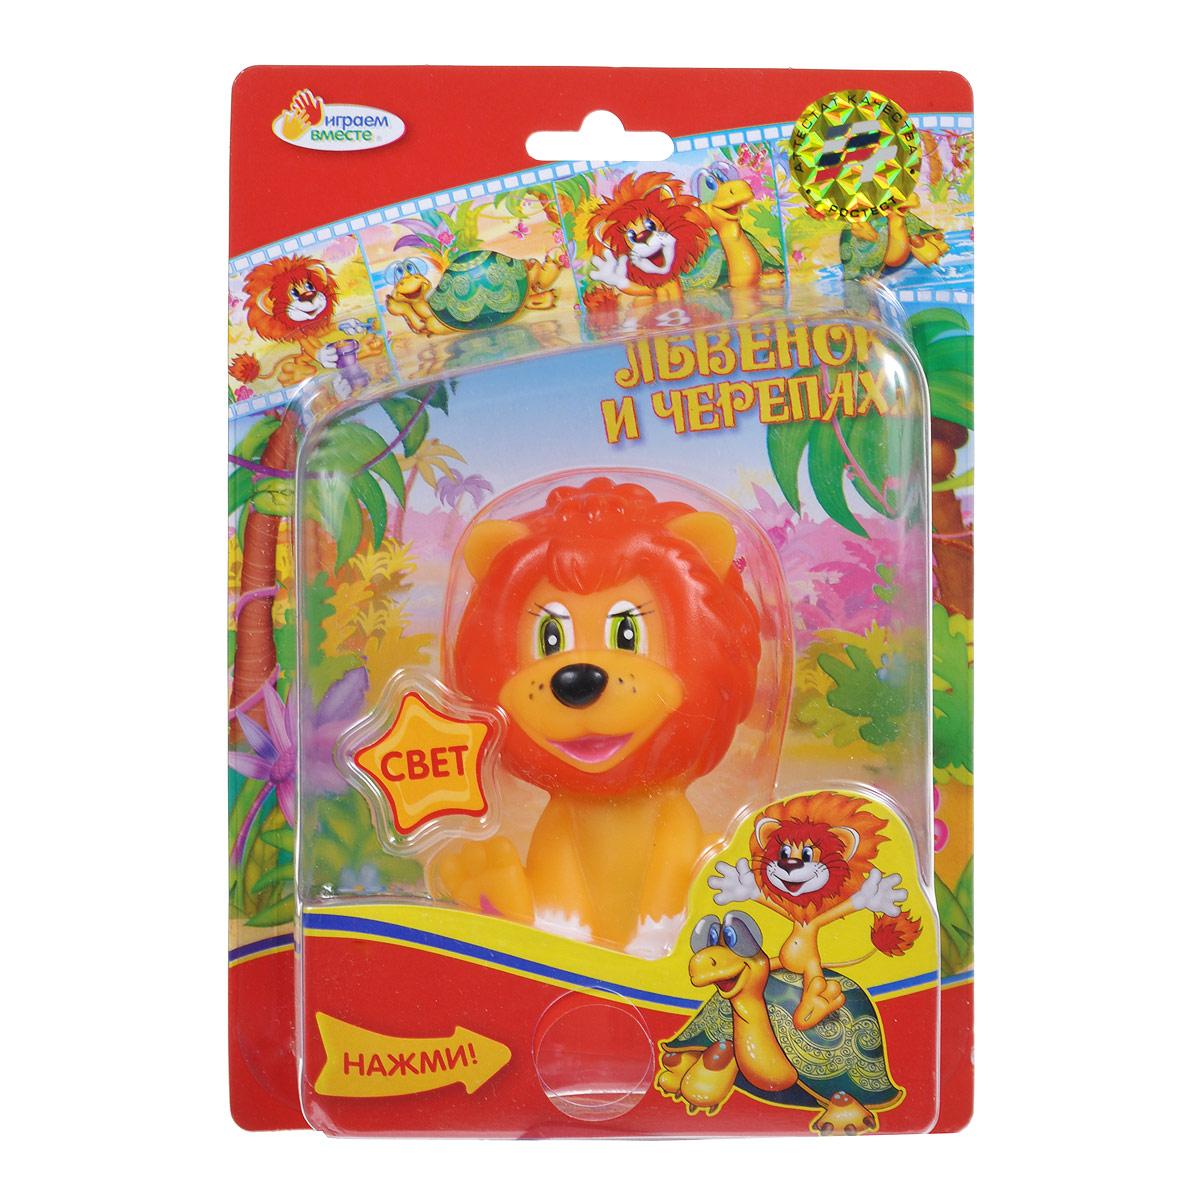 Игрушка для ванны Играем вместе Львенок, цвет: желтый, оранжевыйLG-6RИгрушка для ванны Играем вместе Львенок понравится вашему малышу и превратит купание в веселую игру. Она выполнена из безопасного пластика в виде всеми любимого Львенка. Если нажать на нижнюю часть игрушки, Львенок будет подсвечиваться разными цветами. Игрушка Играем вместе Львенок способствует развитию воображения, цветового восприятия и мелкой моторики Игрушка работает от незаменяемых батарей.